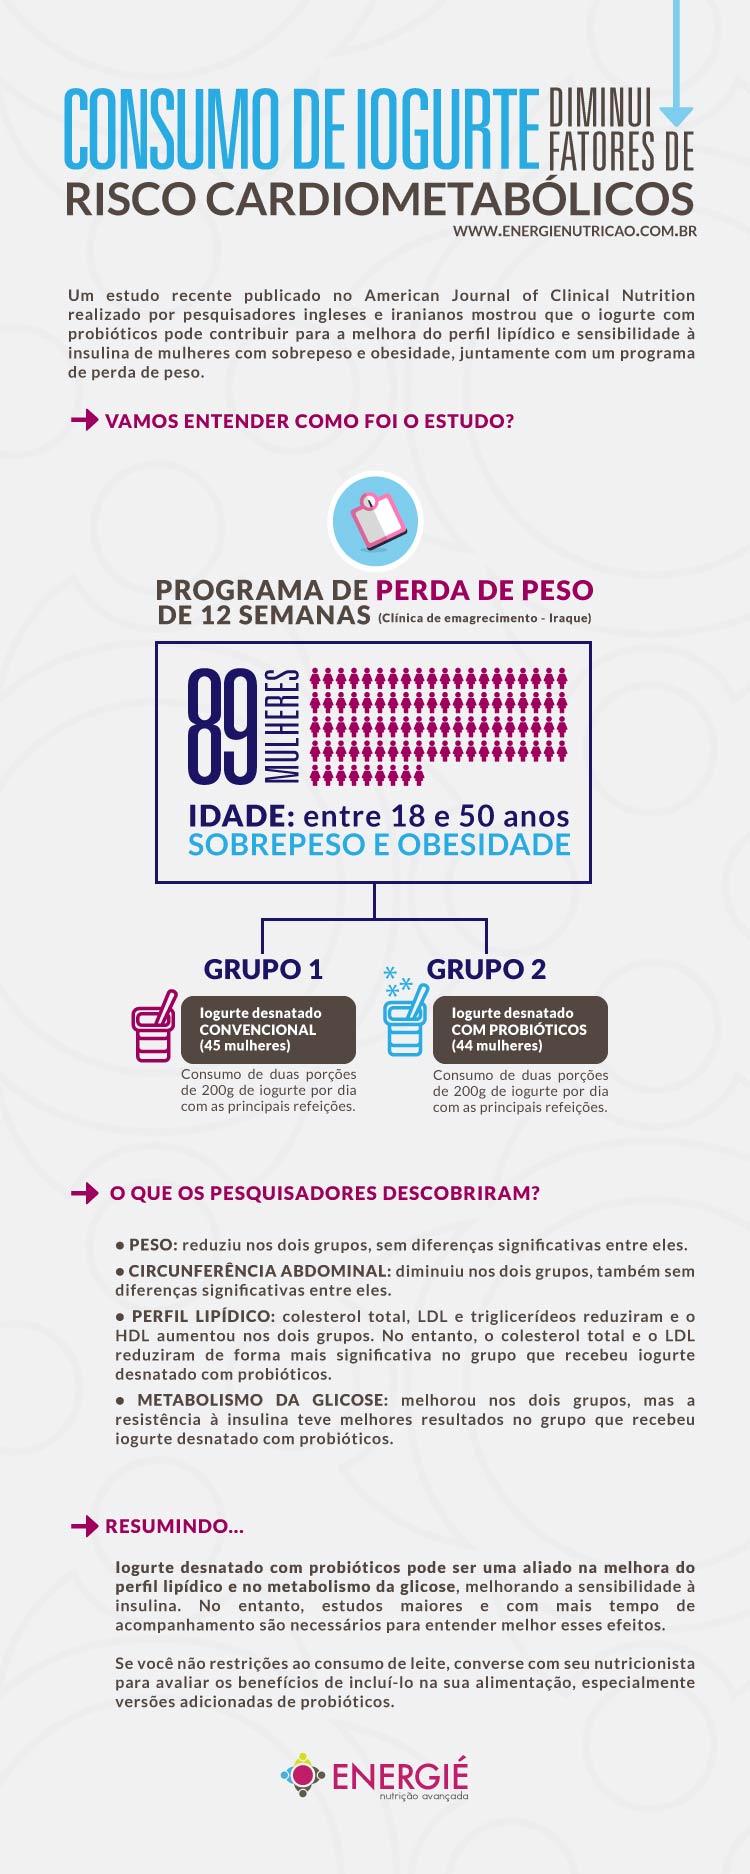 Infográfico sobre o Estudo: Iogurte com probióticos diminui fatores de risco cardiometabólicos